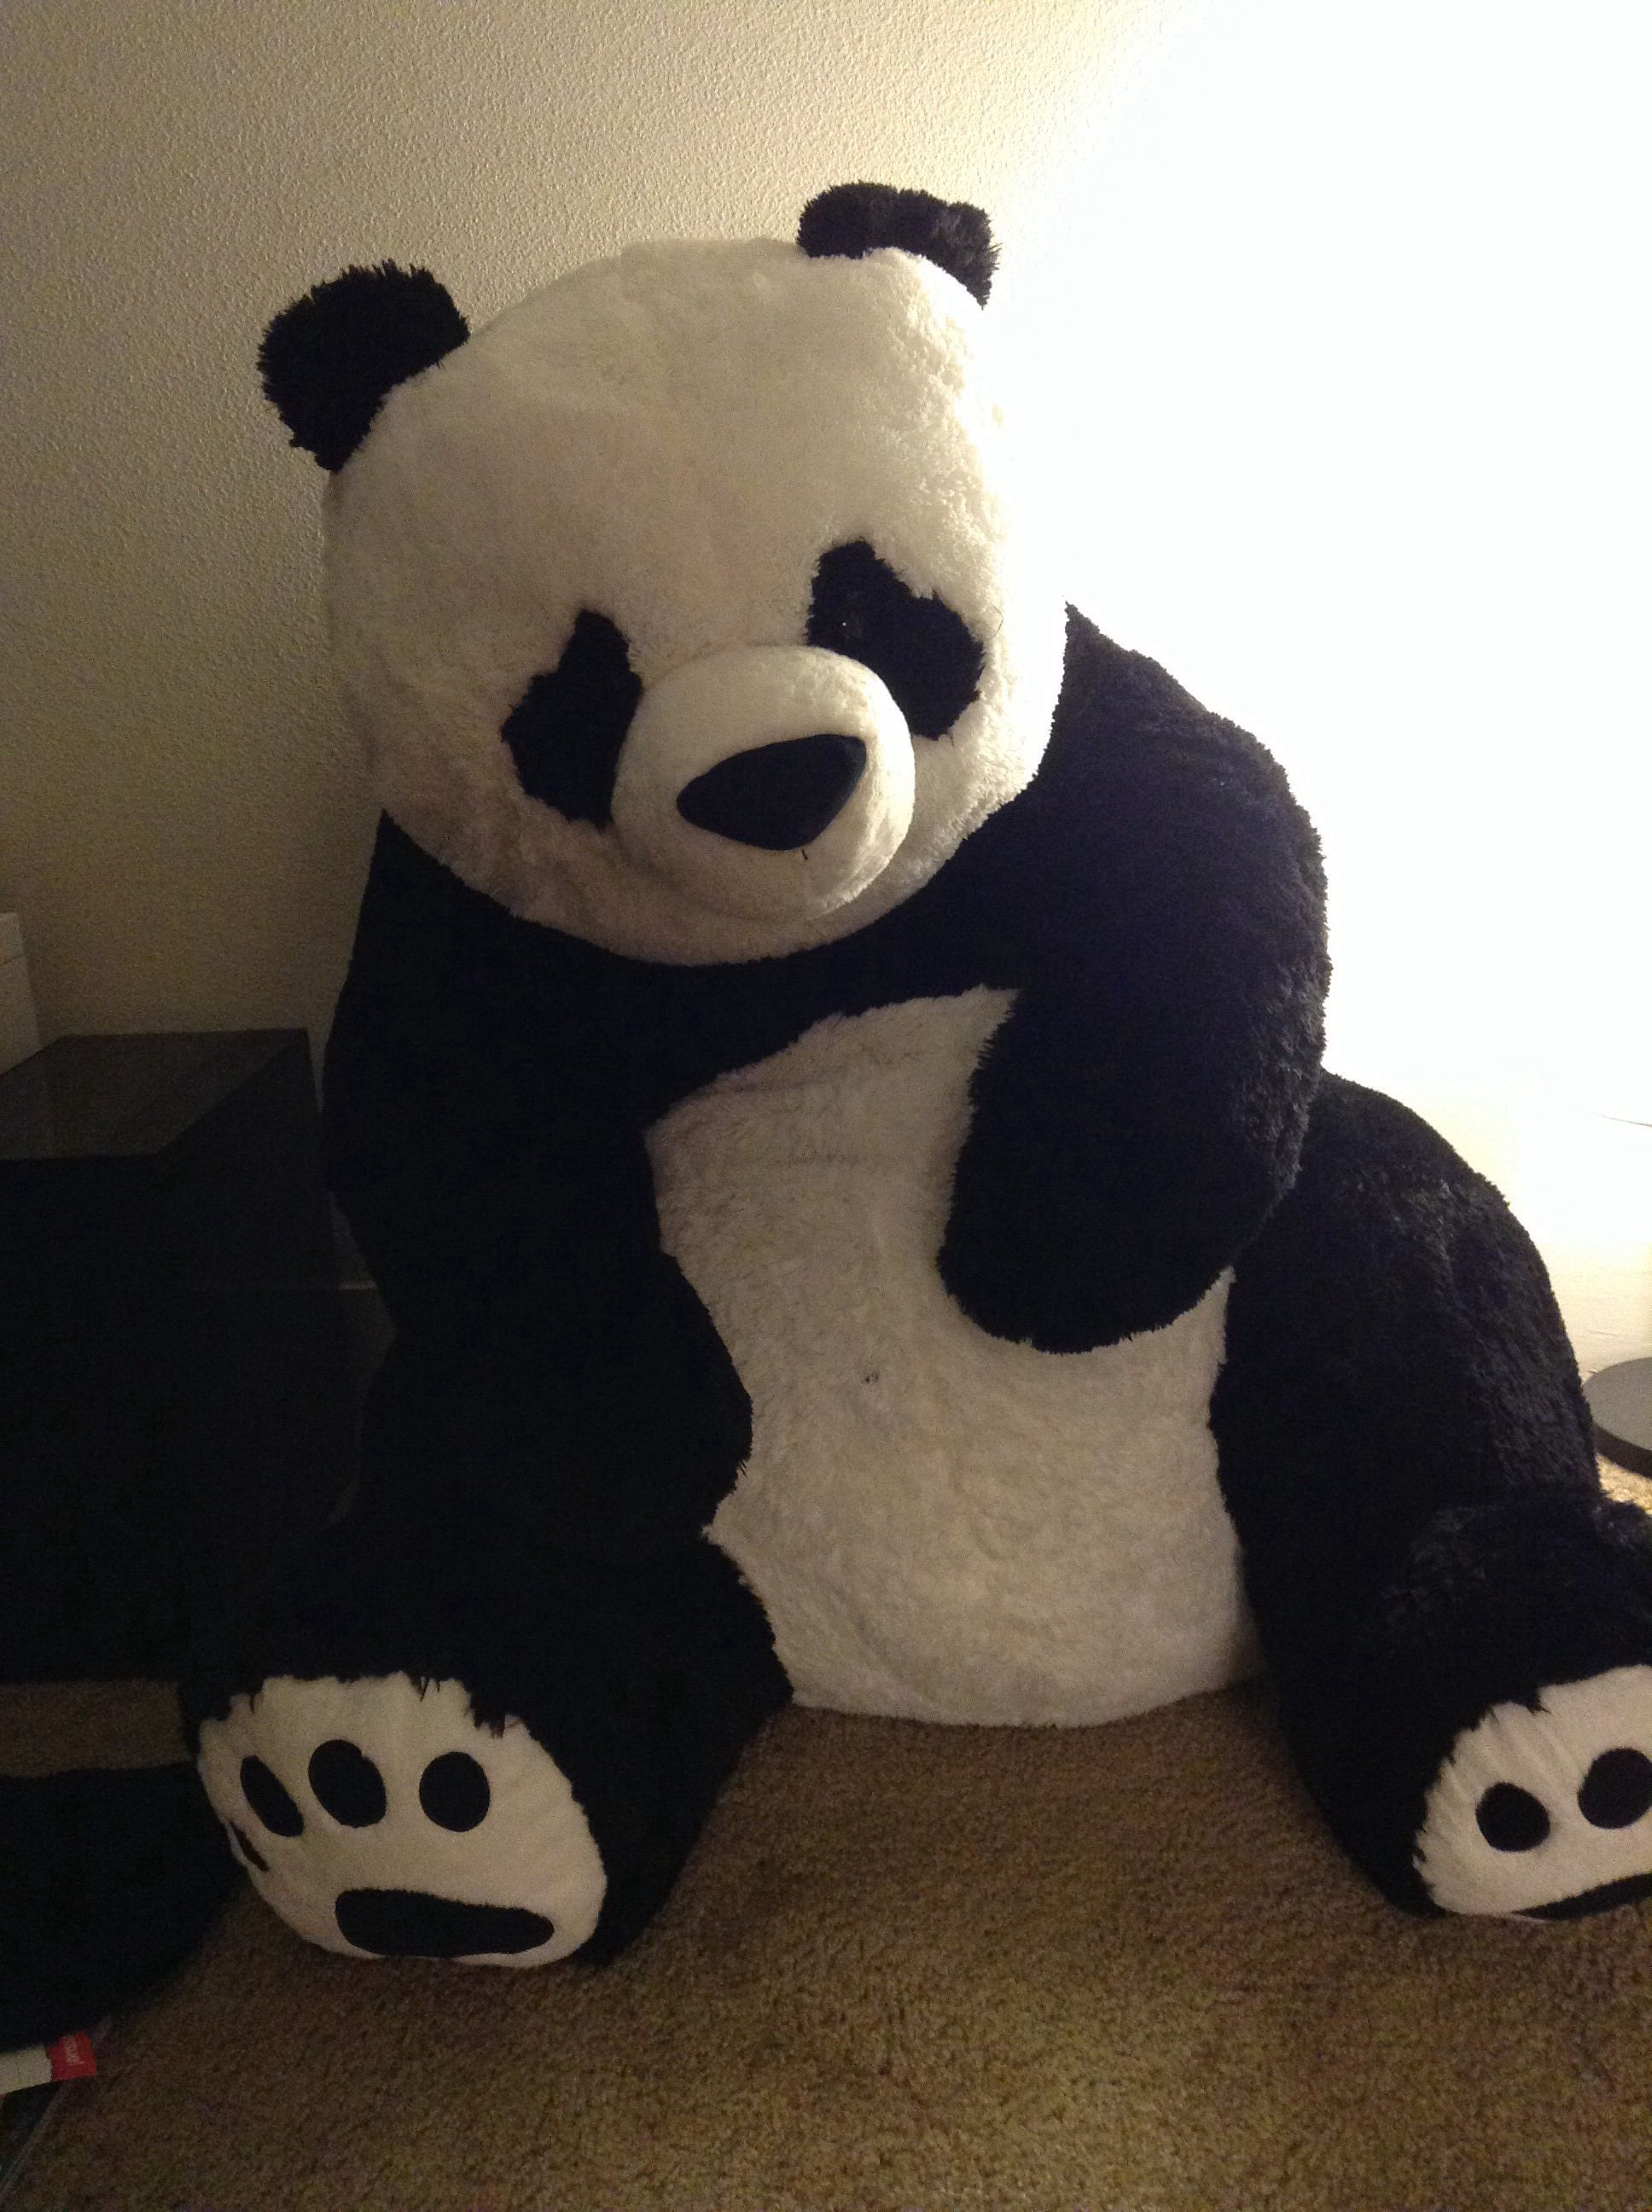 36 Stuffed Panda From Costco Love It Pinterest Panda Panda